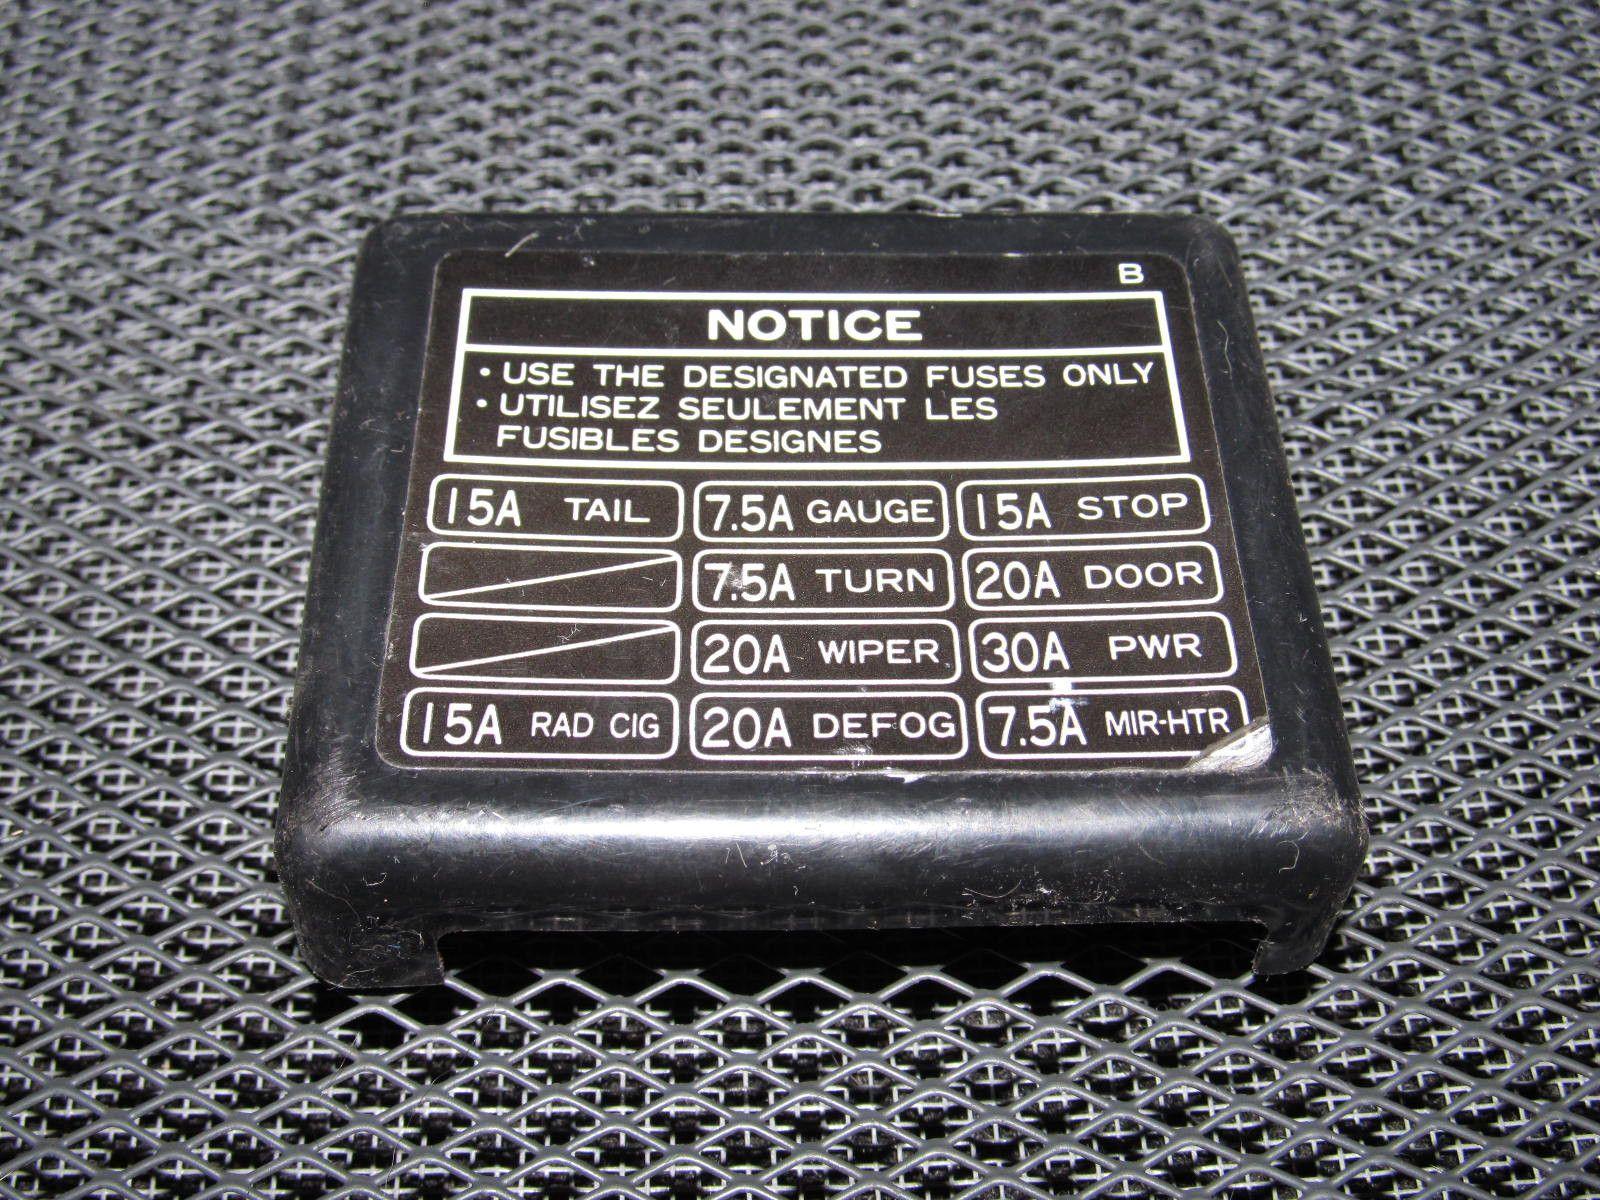 1995 Nissan 240sx Interior Fuse Box Diagram   Brokeasshome